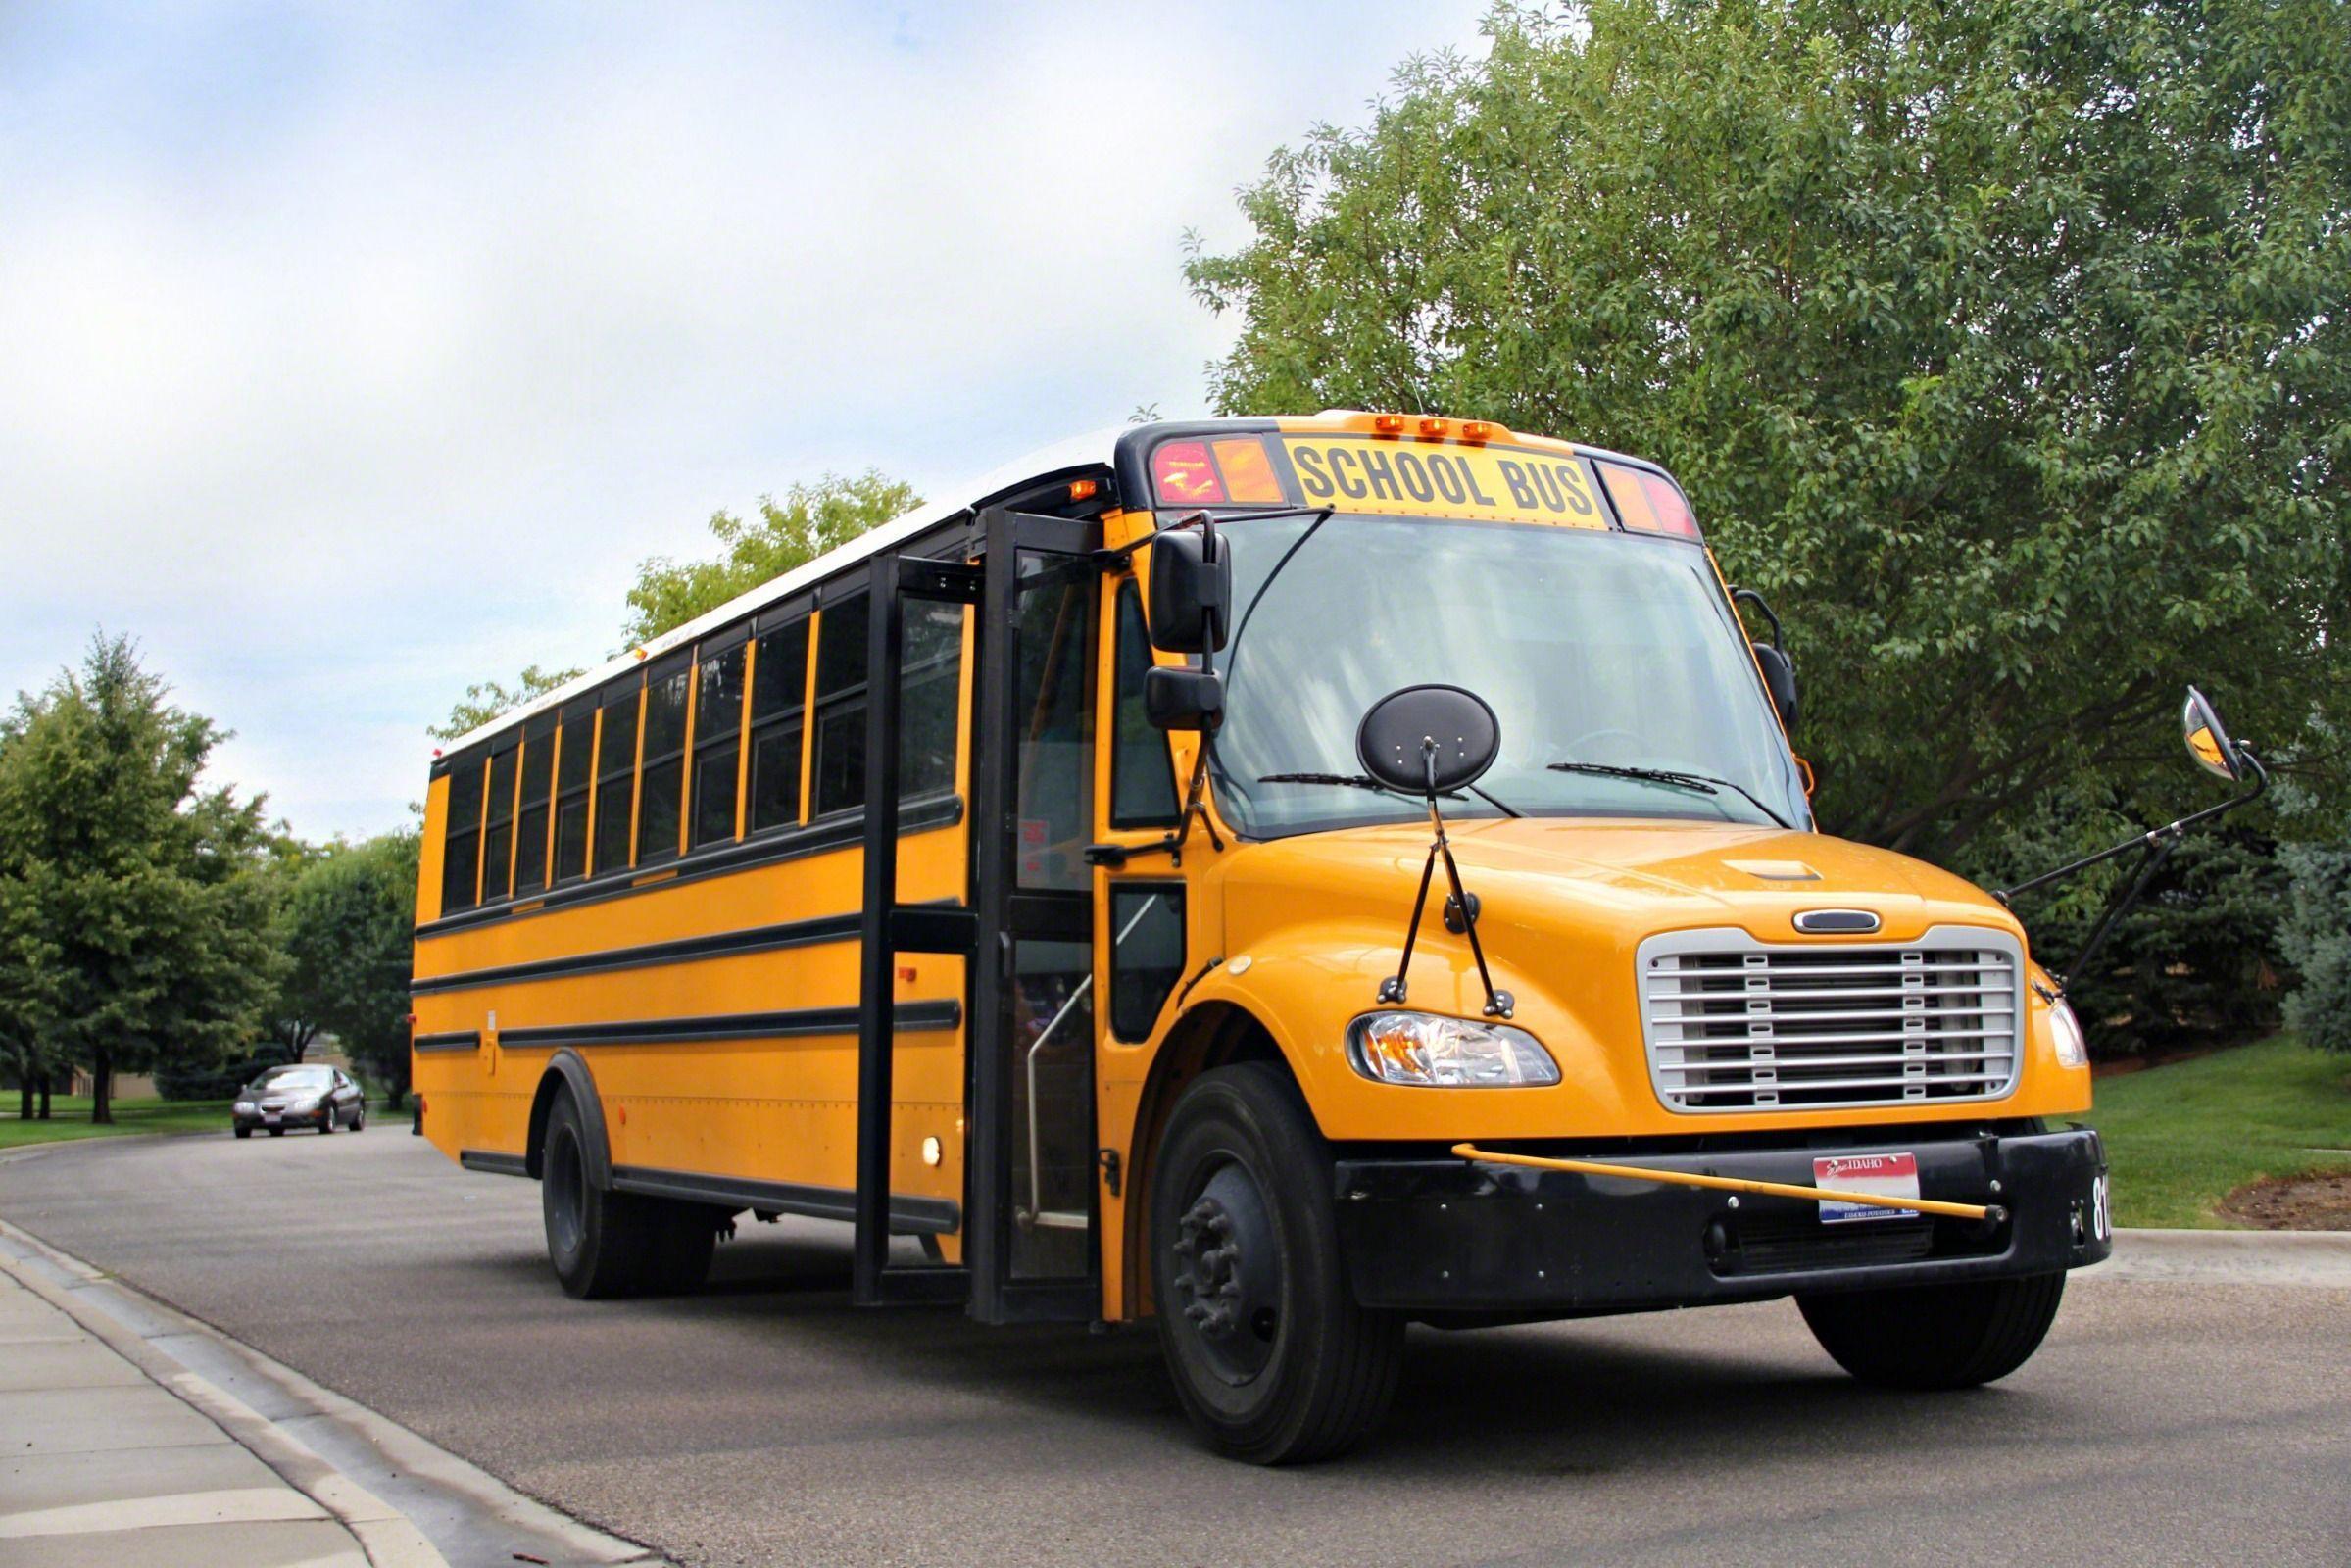 School Bus Wallpapers 2399x1600